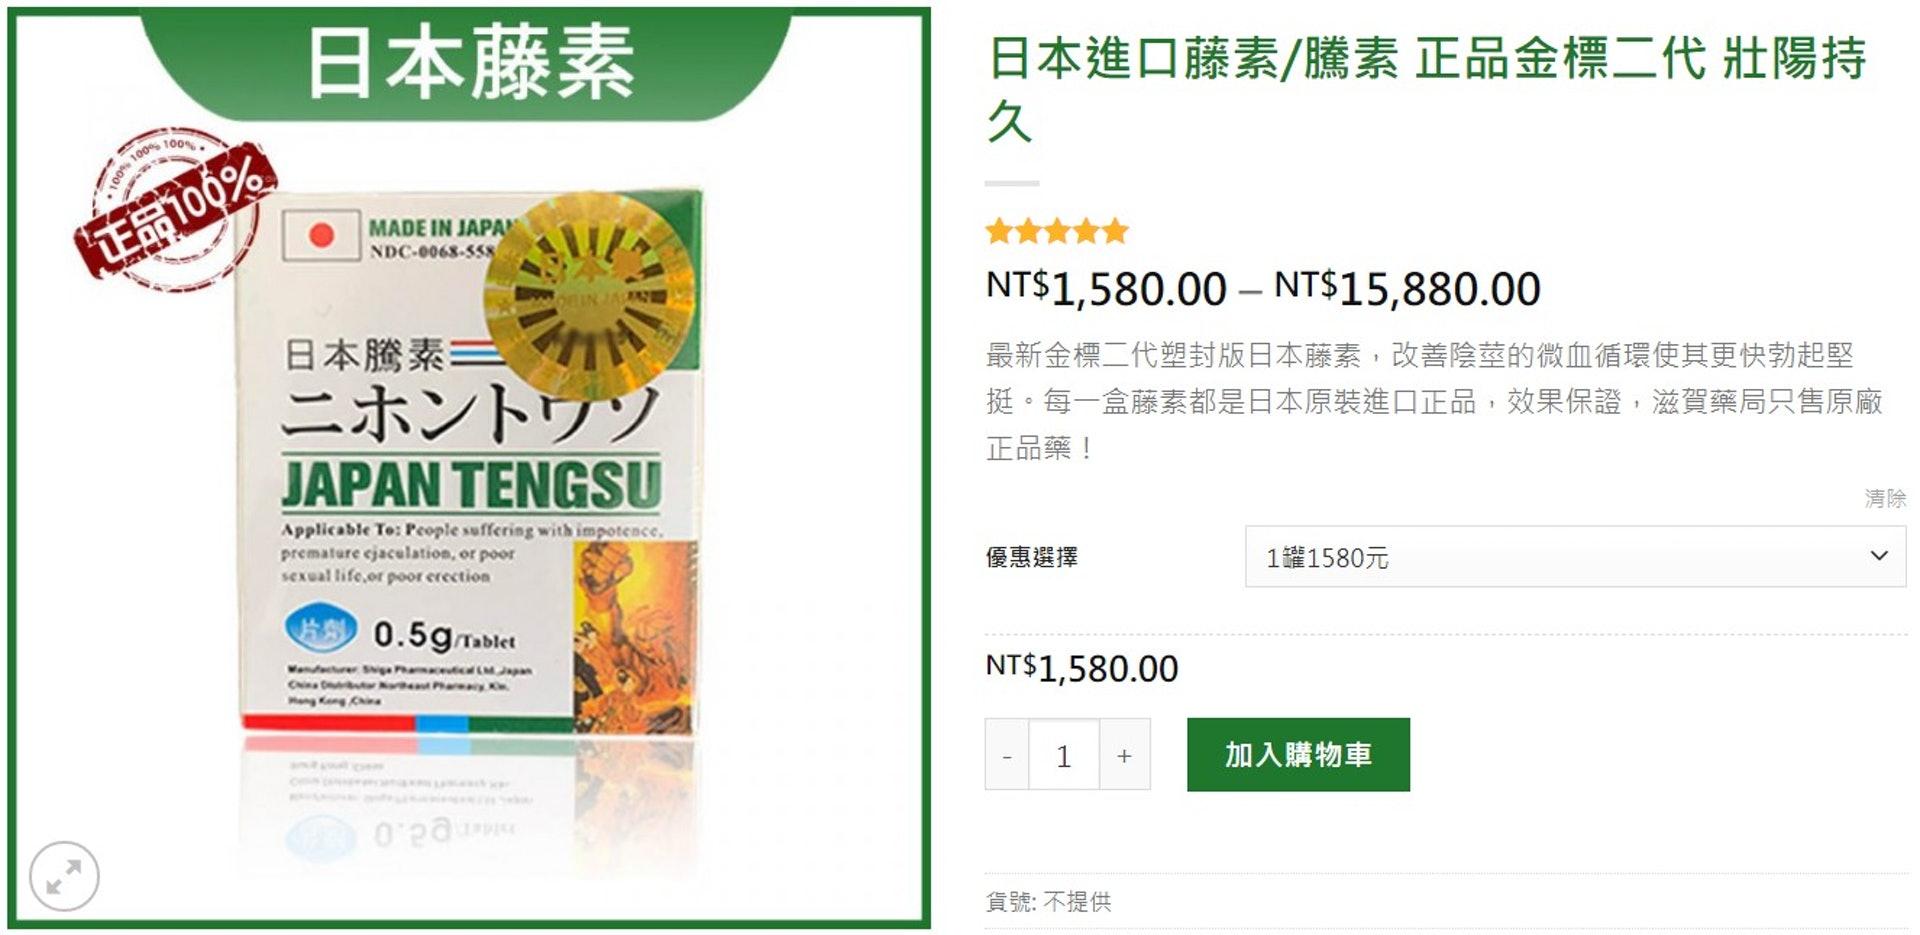 用戶_3546912   開講OpenTalk - 日本藤素價格貴嗎?究竟值不值得這個價錢?跟藥師來看下